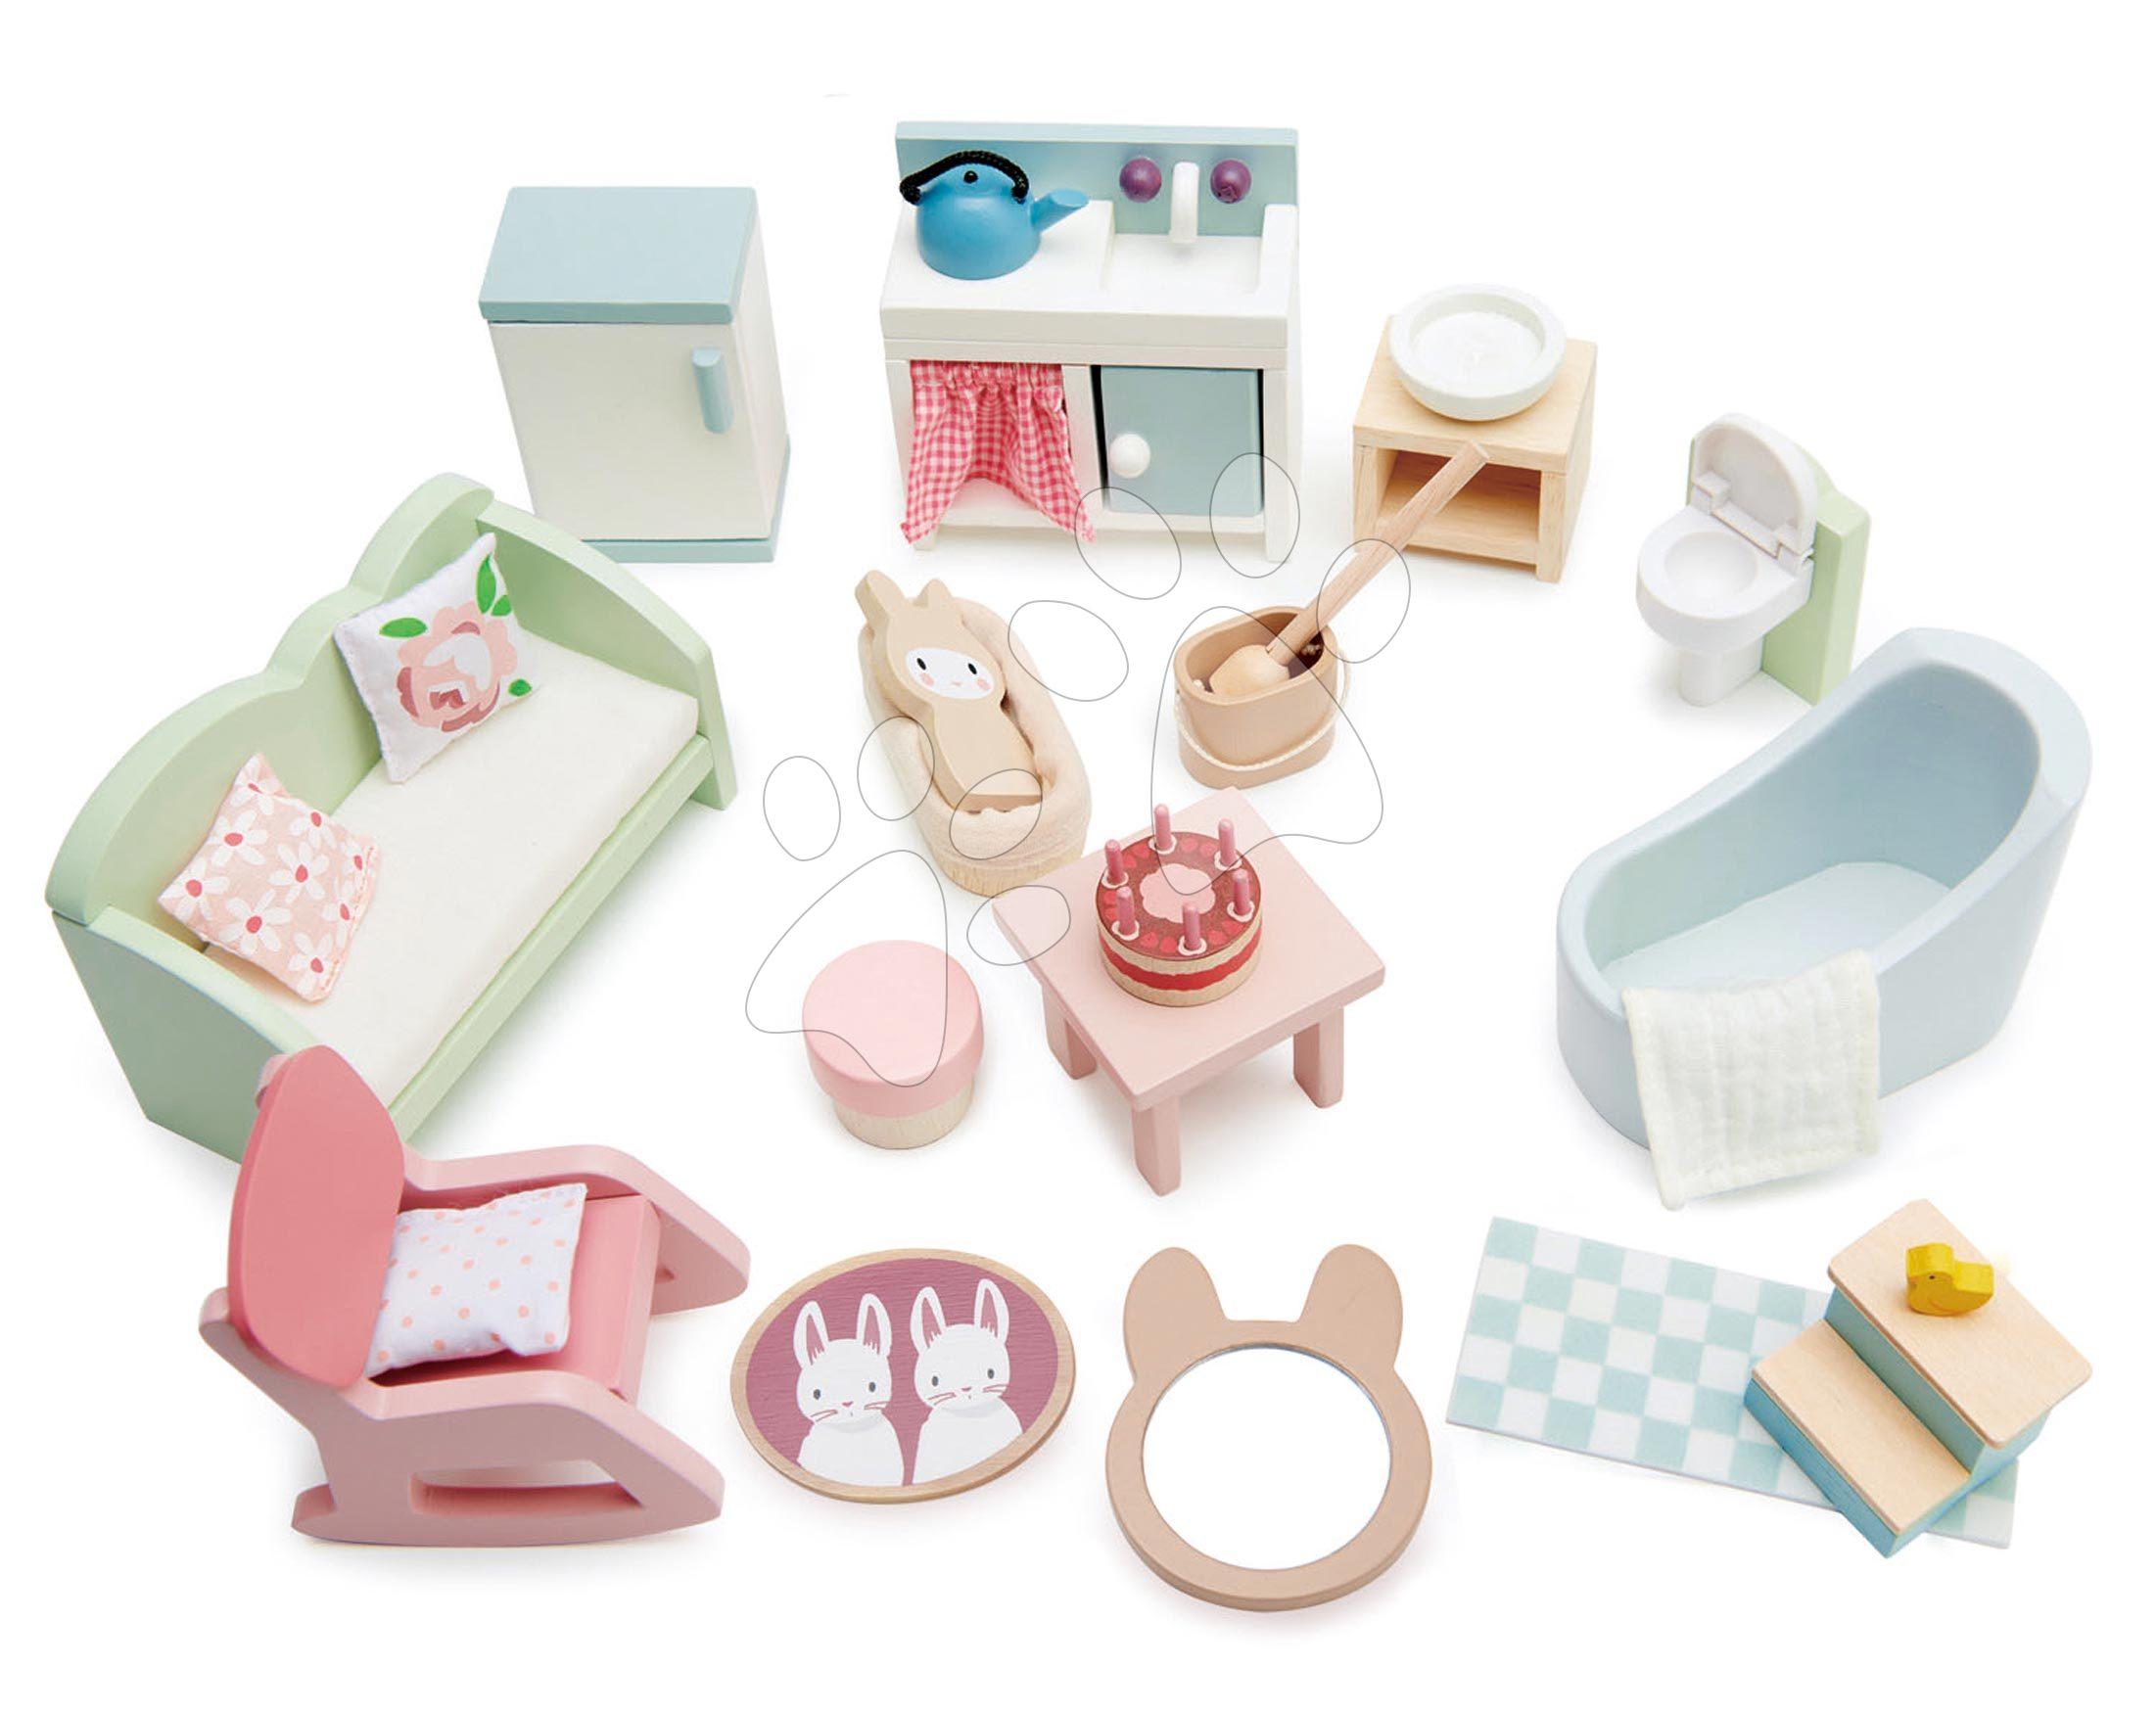 Drevený nábytok pre bábiku Countryside Furniture Set Tender Leaf Toys do vidieckeho domčeka pre bábiku